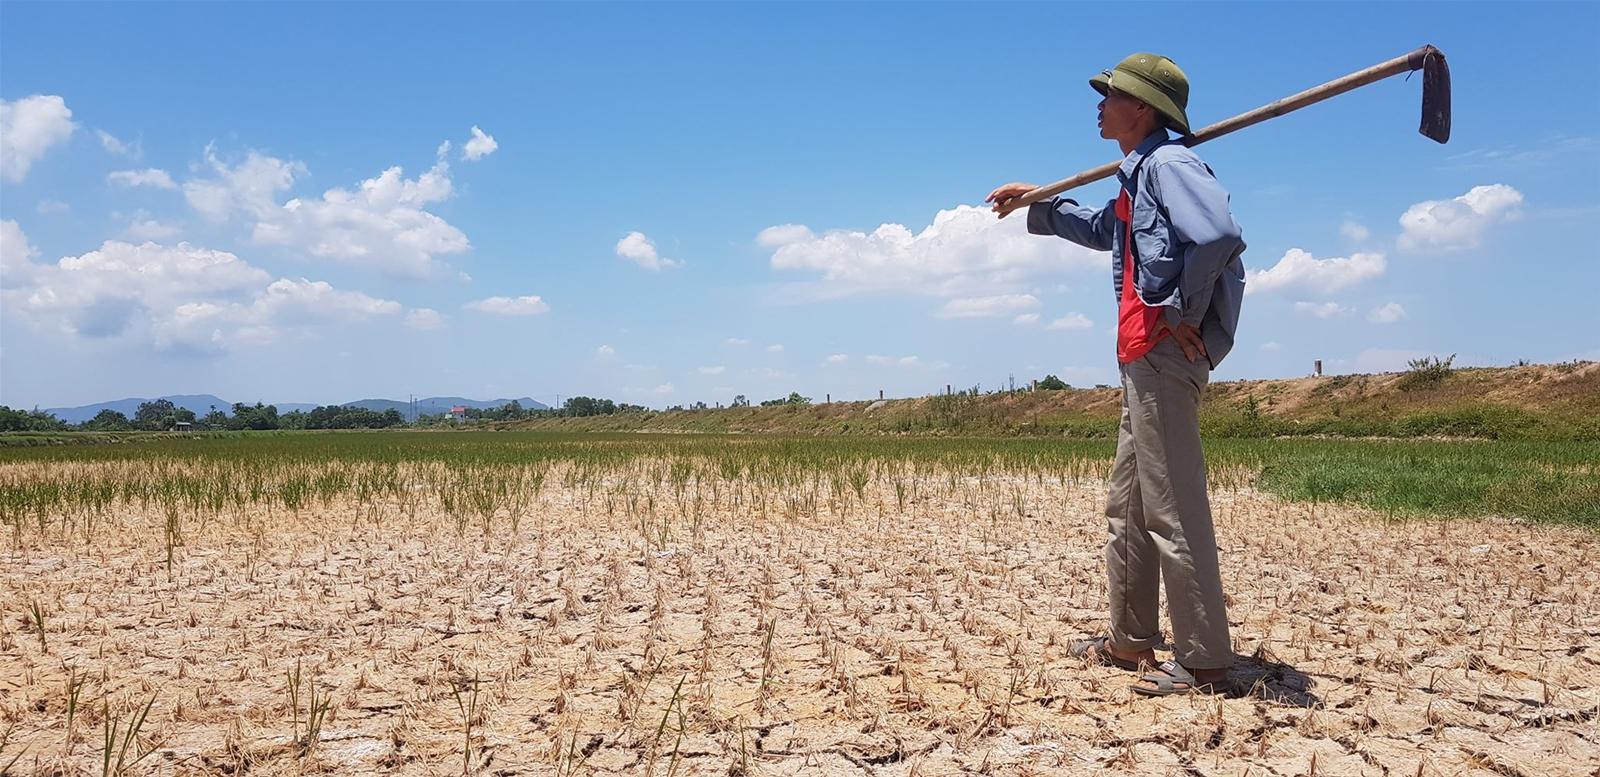 Thanh Hóa: Nguy cơ mất trắng hàng nghìn ha lúa vì nắng hạn kéo dài